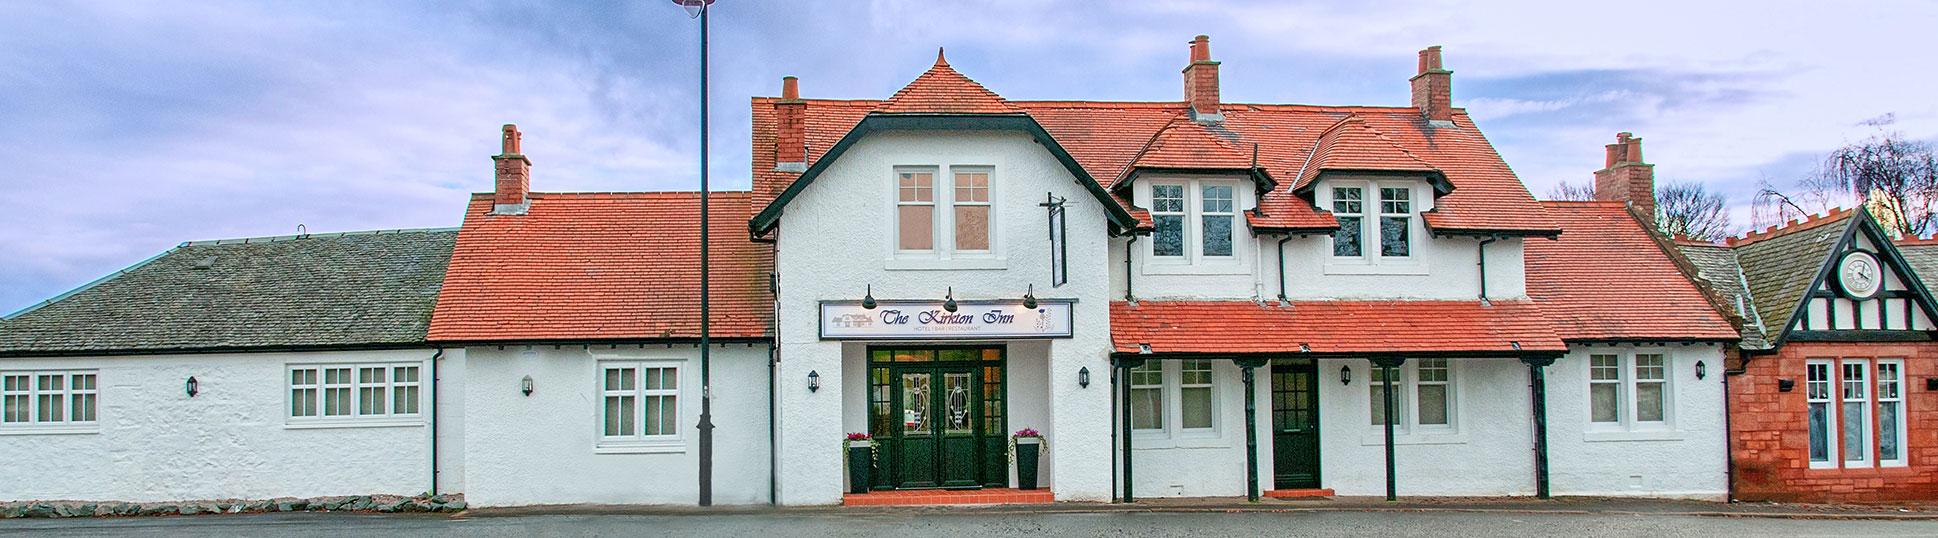 the kirkton inn gallery